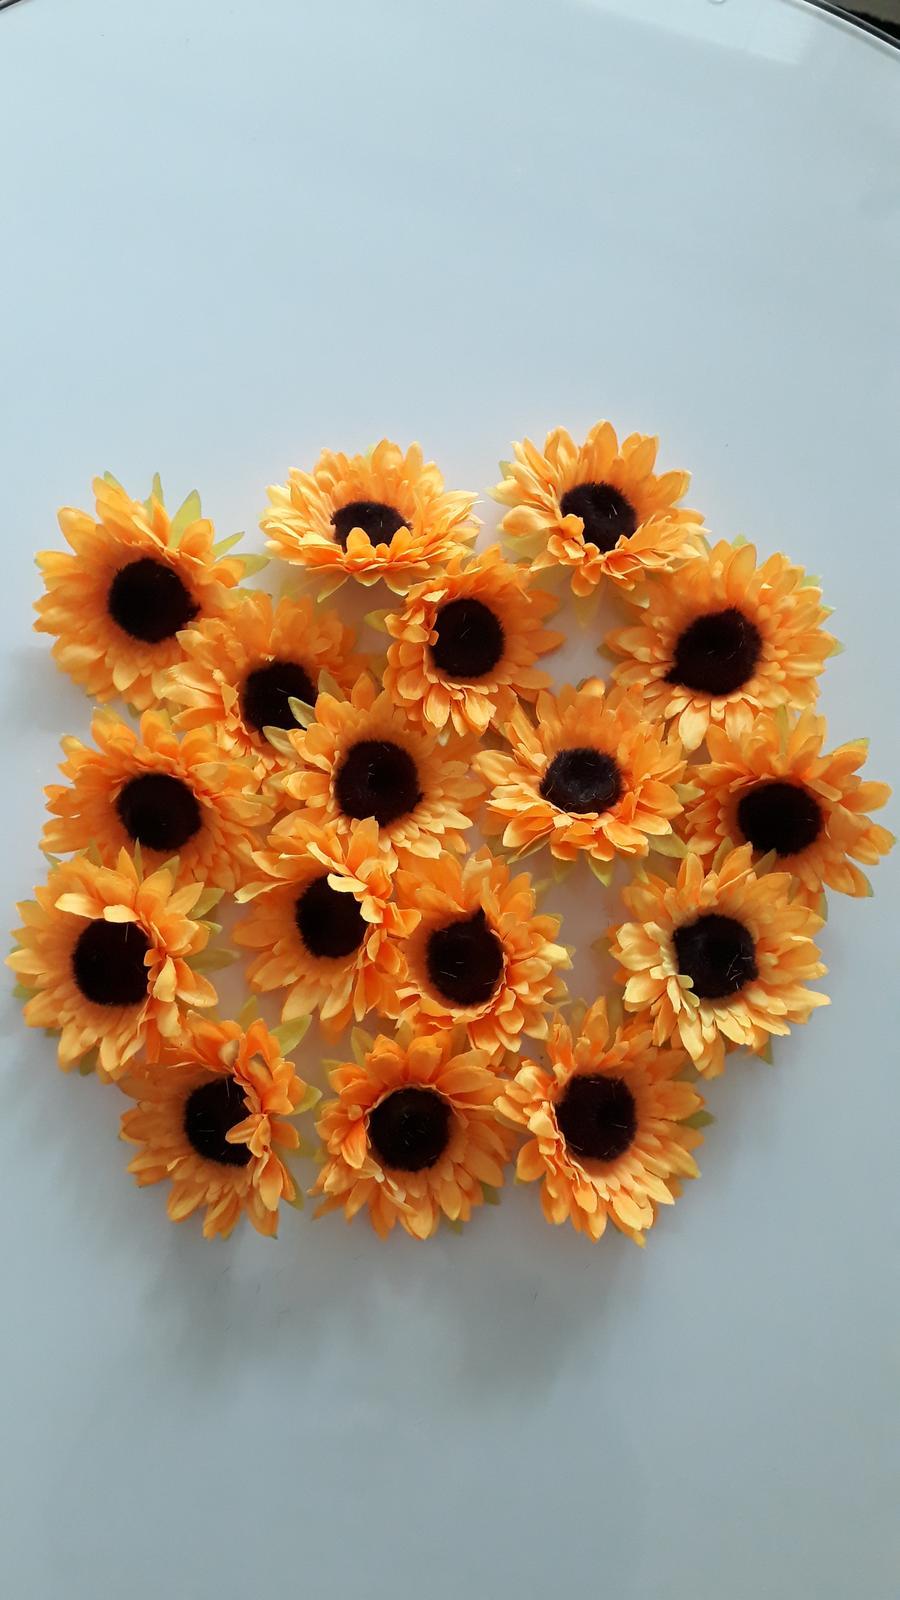 Slunečnice 17ks - Obrázek č. 1